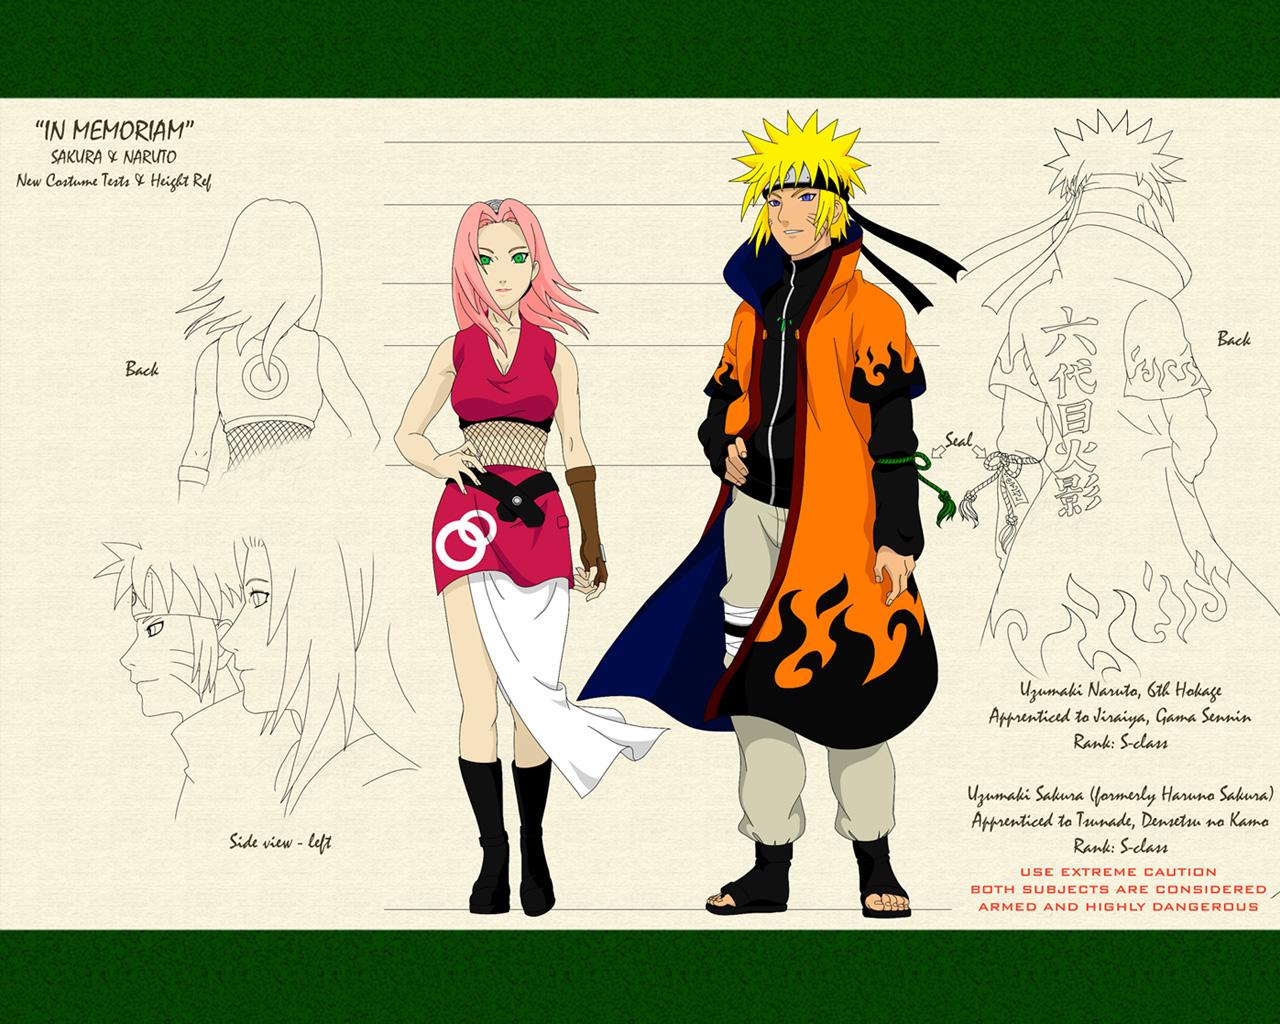 Naruto and Sakura Hokage Naruto Shippuden Wallpapers on this NarutoNaruto Shippuden Naruto And Sakura Kiss